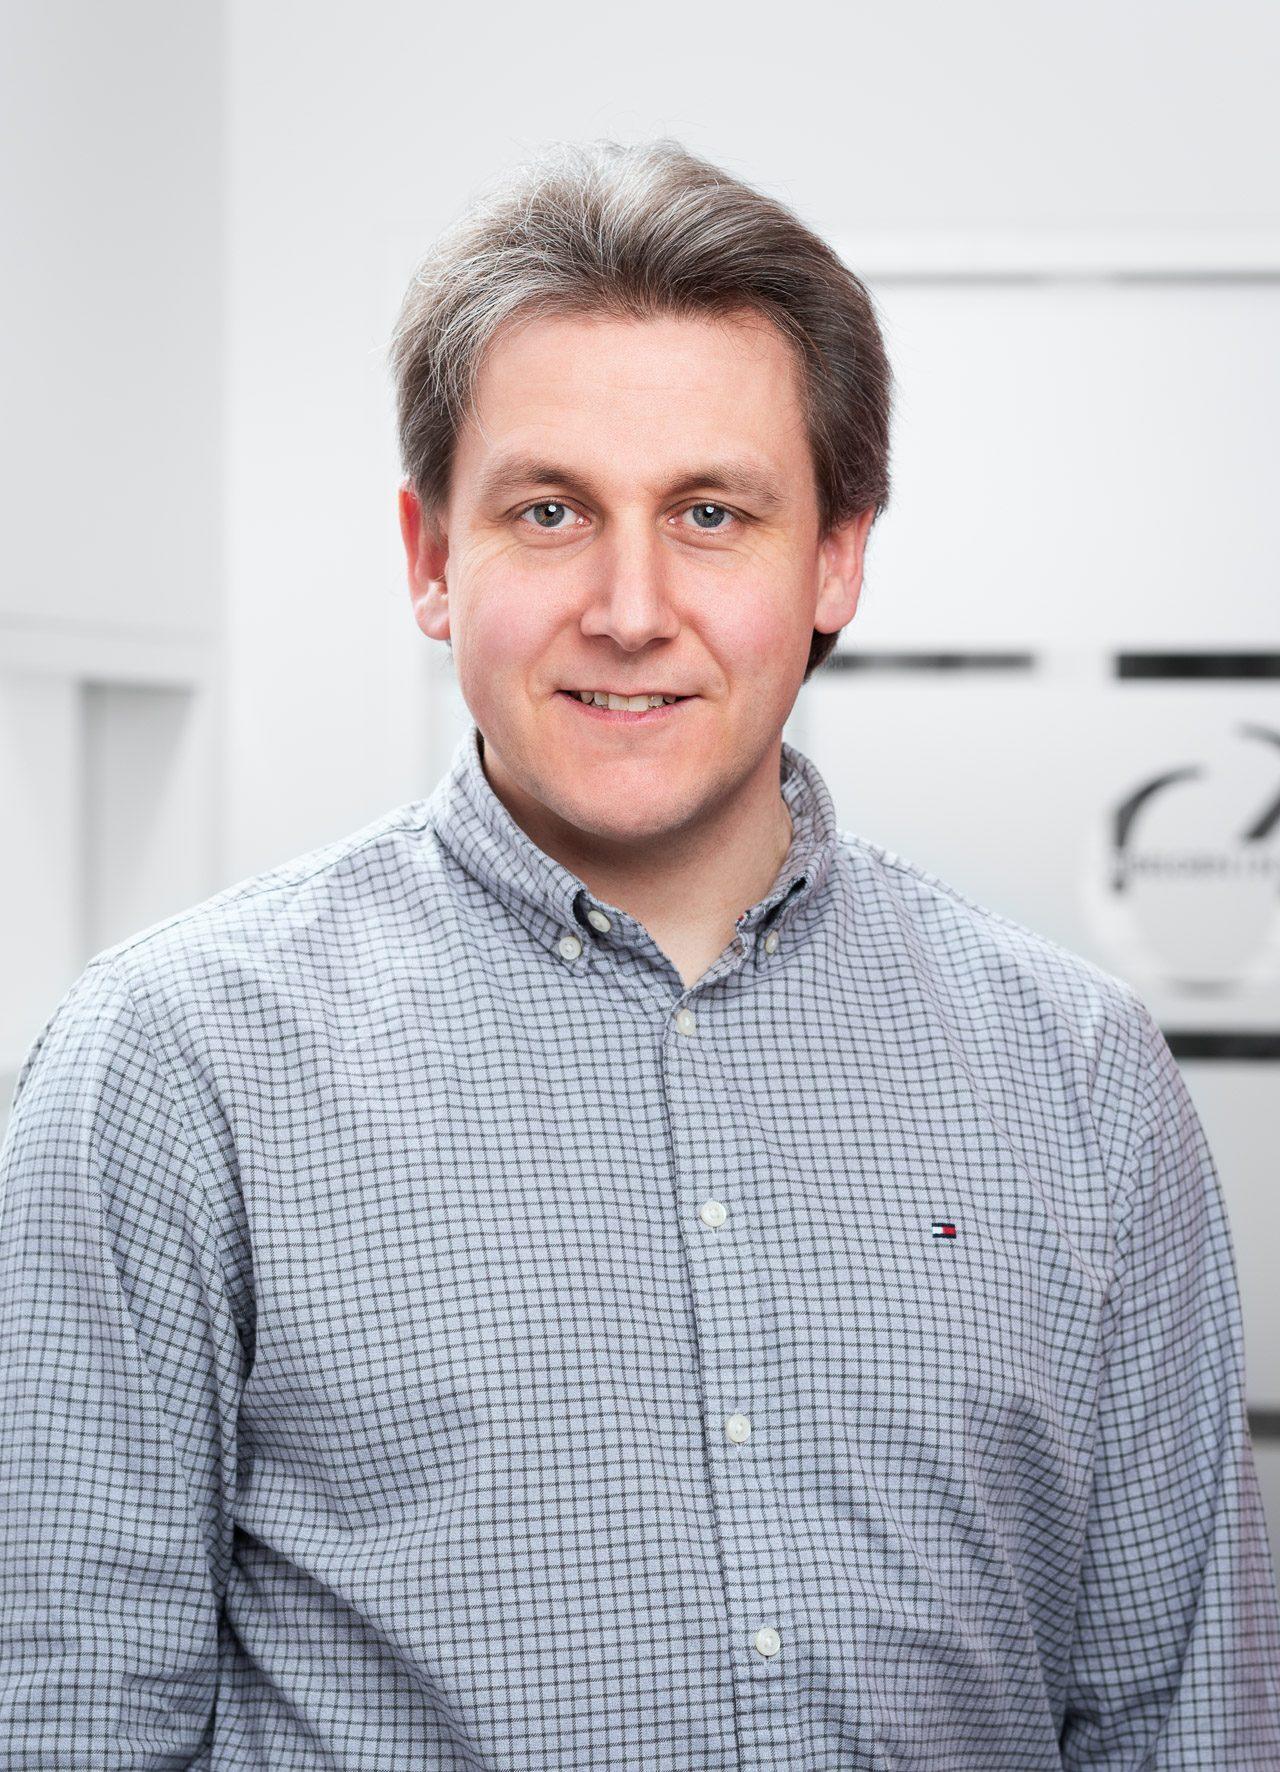 Michael Fohnen